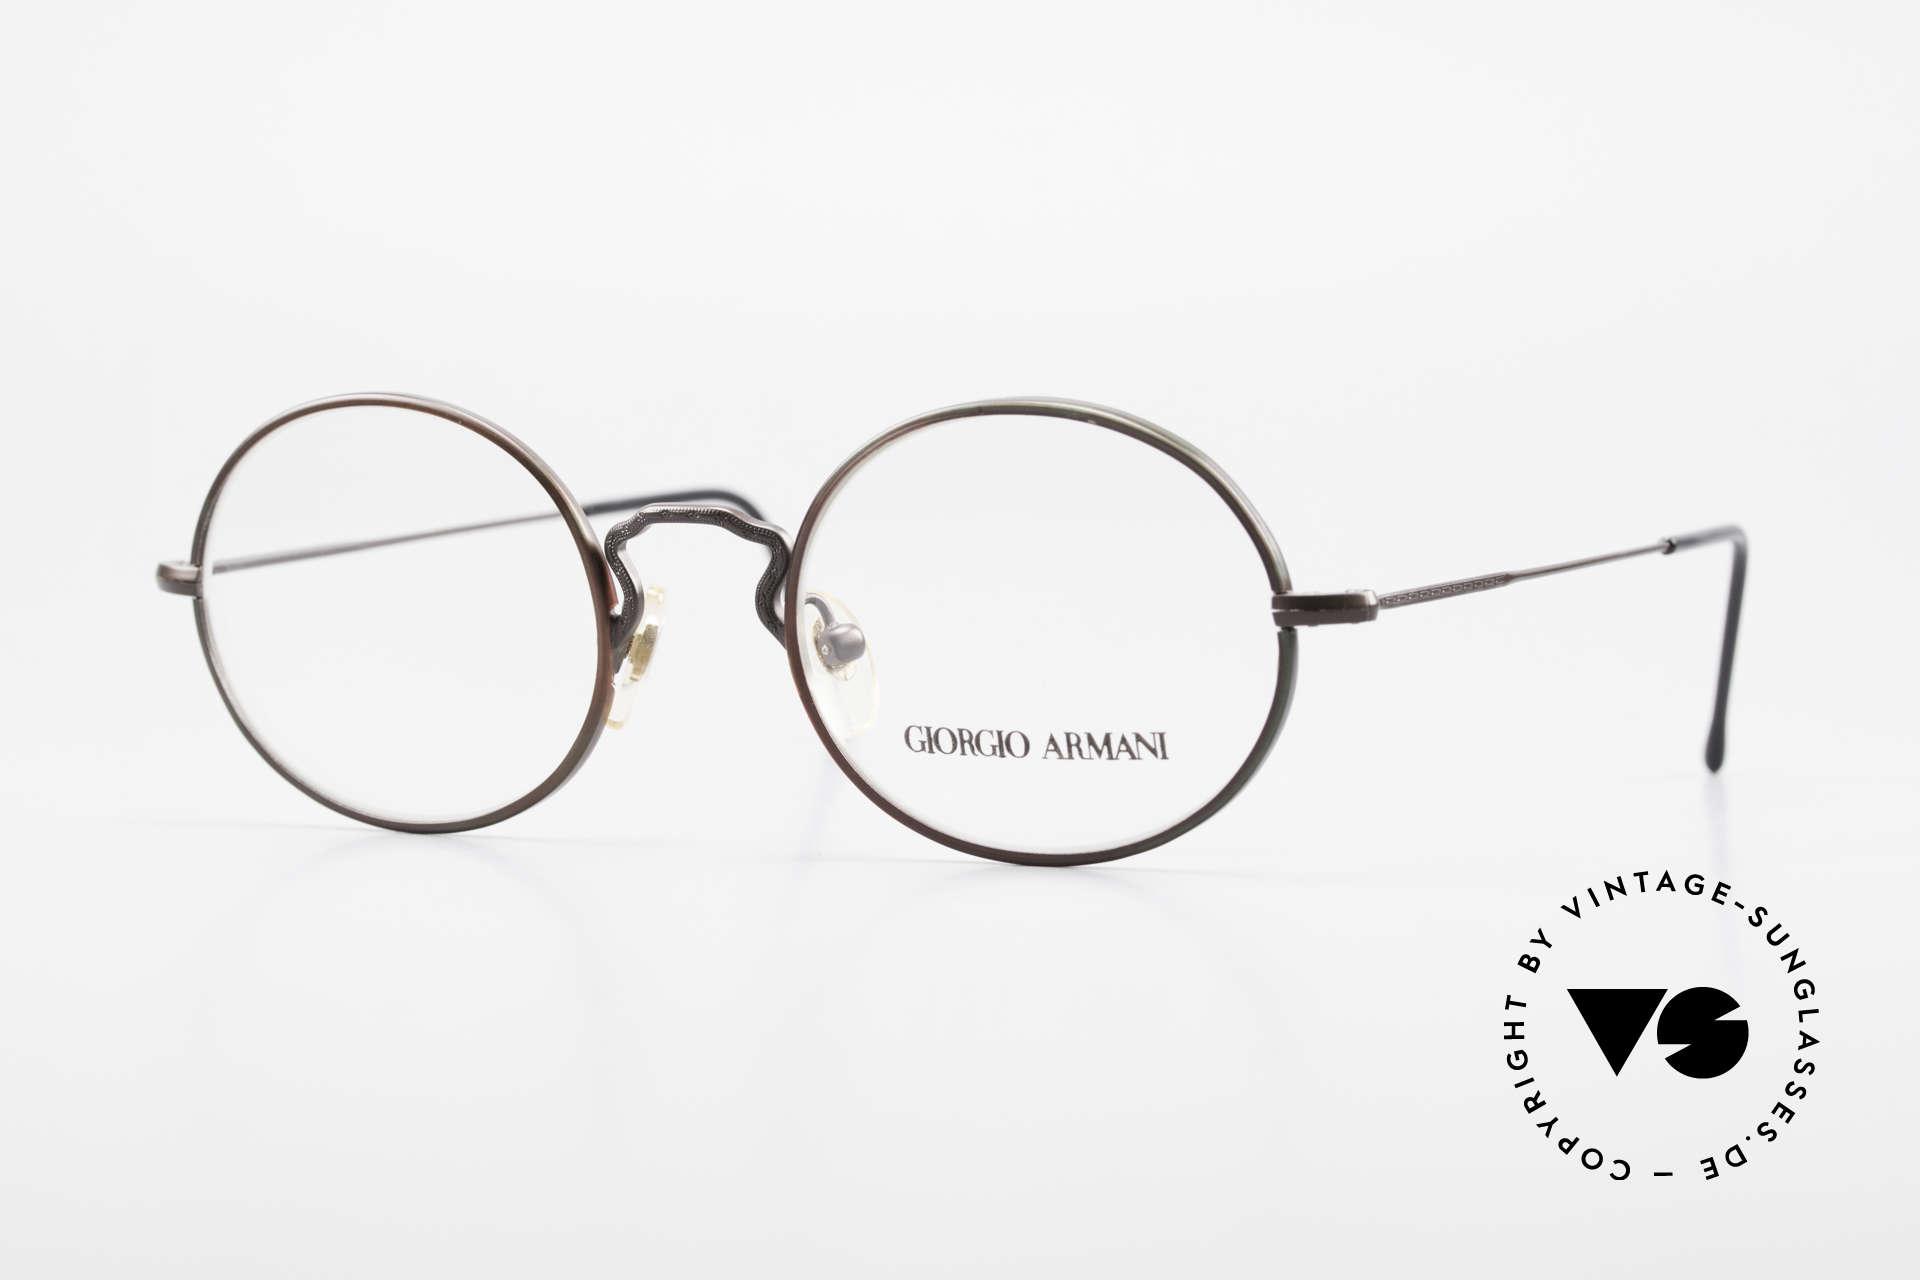 Giorgio Armani 247 Lackierung Glänzt Braun Grün, vintage Designer-Brillenfassung v. Giorgio Armani, Passend für Herren